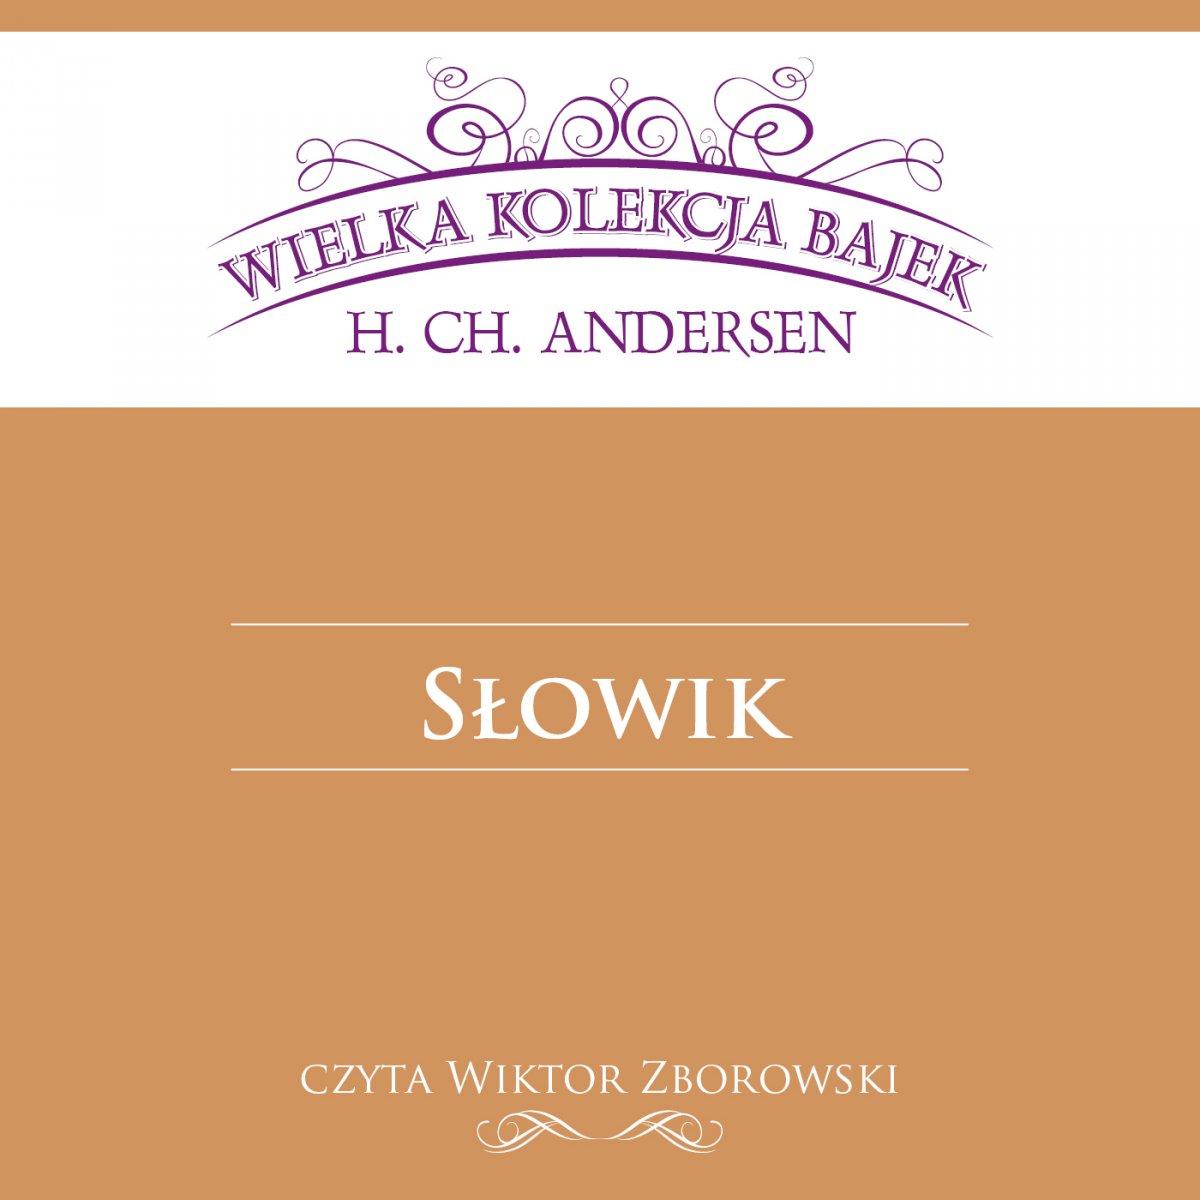 Słowik (Wielka Kolekcja Bajek) - Audiobook (Książka audio MP3) do pobrania w całości w archiwum ZIP